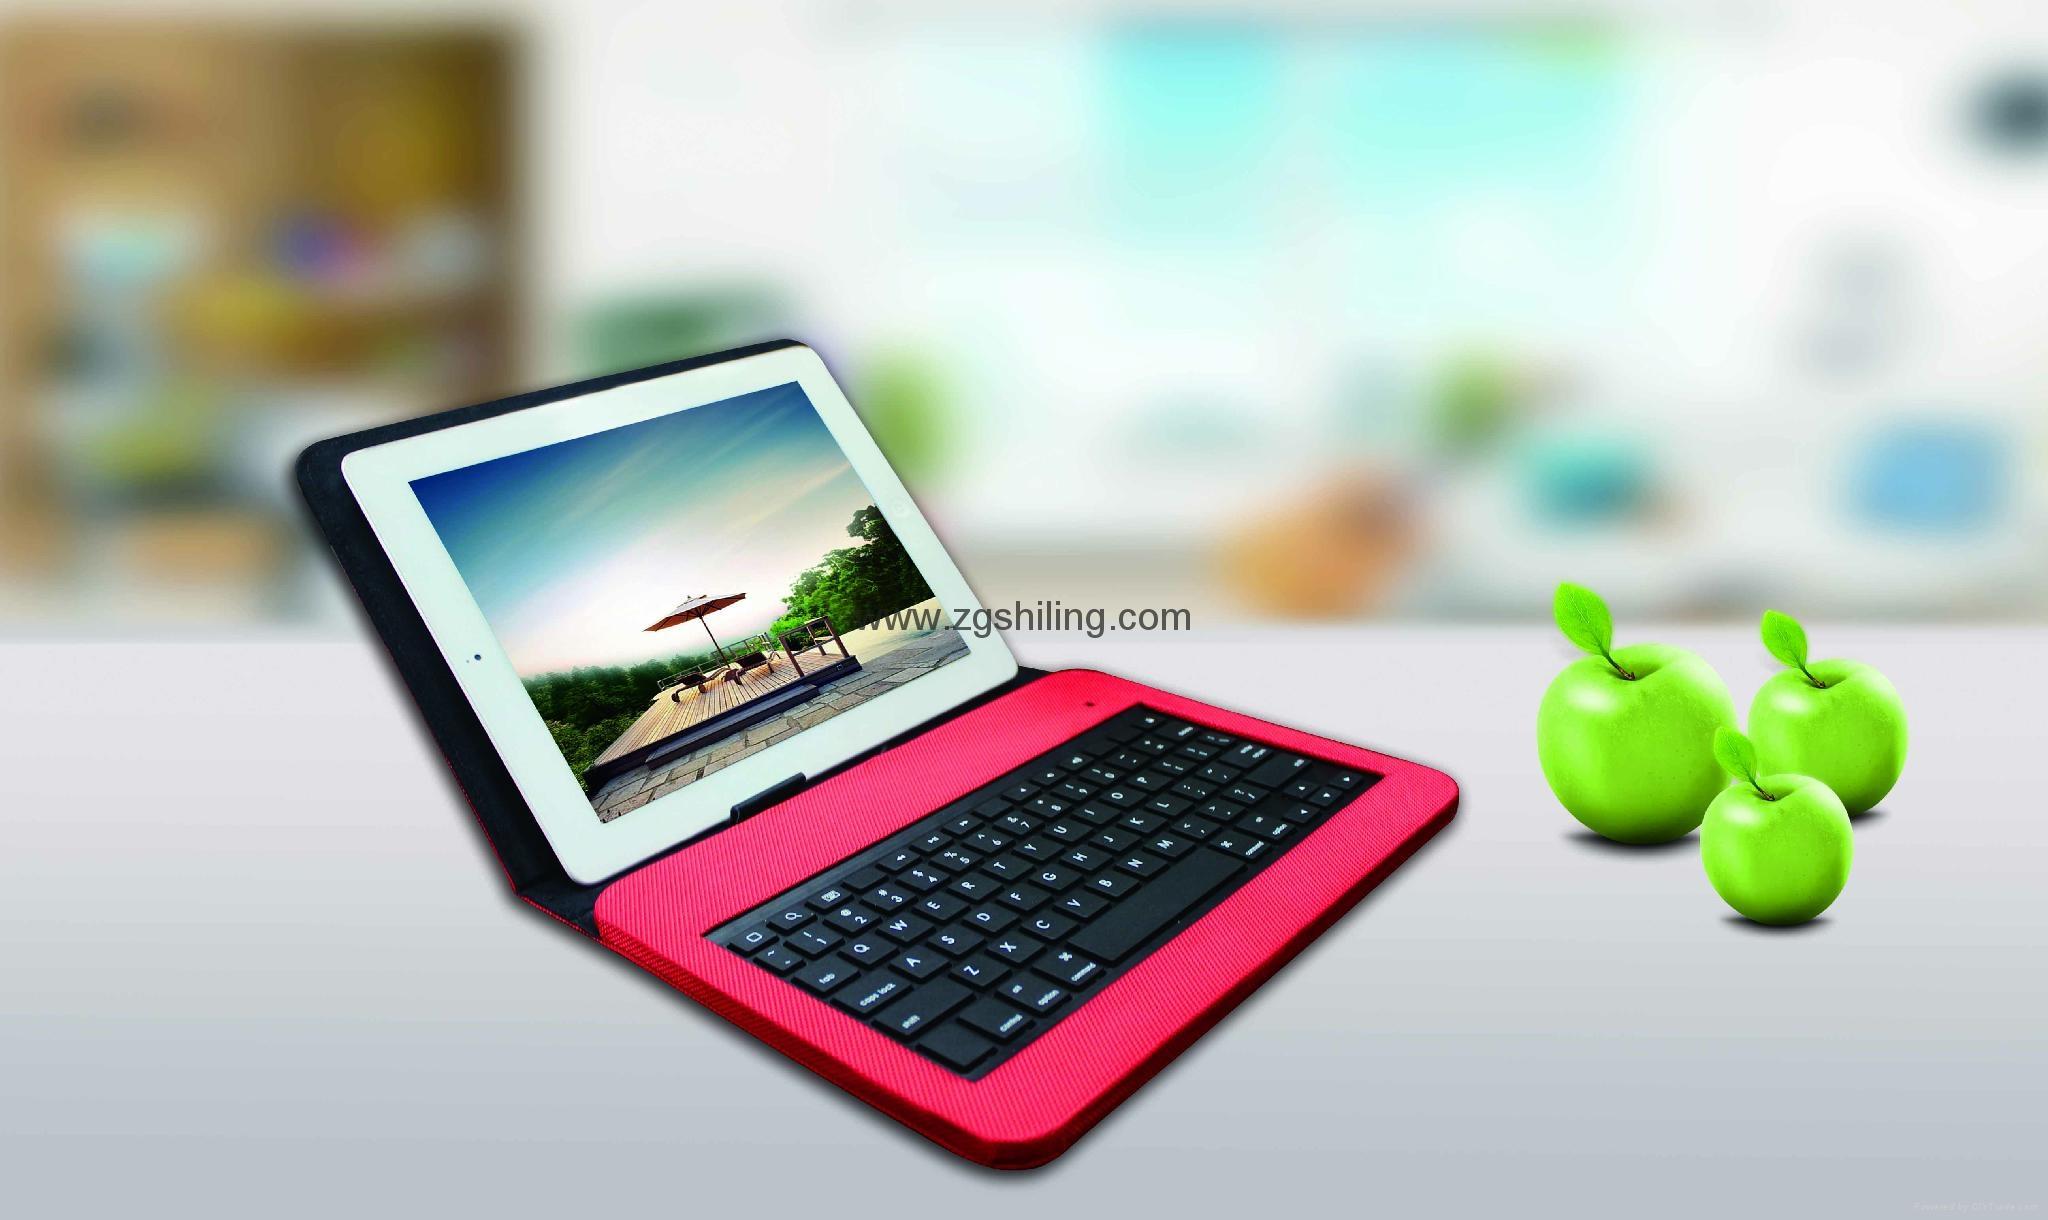 苹果MFI iPad Air 皮套有线键盘8pin Lightning 接口 5